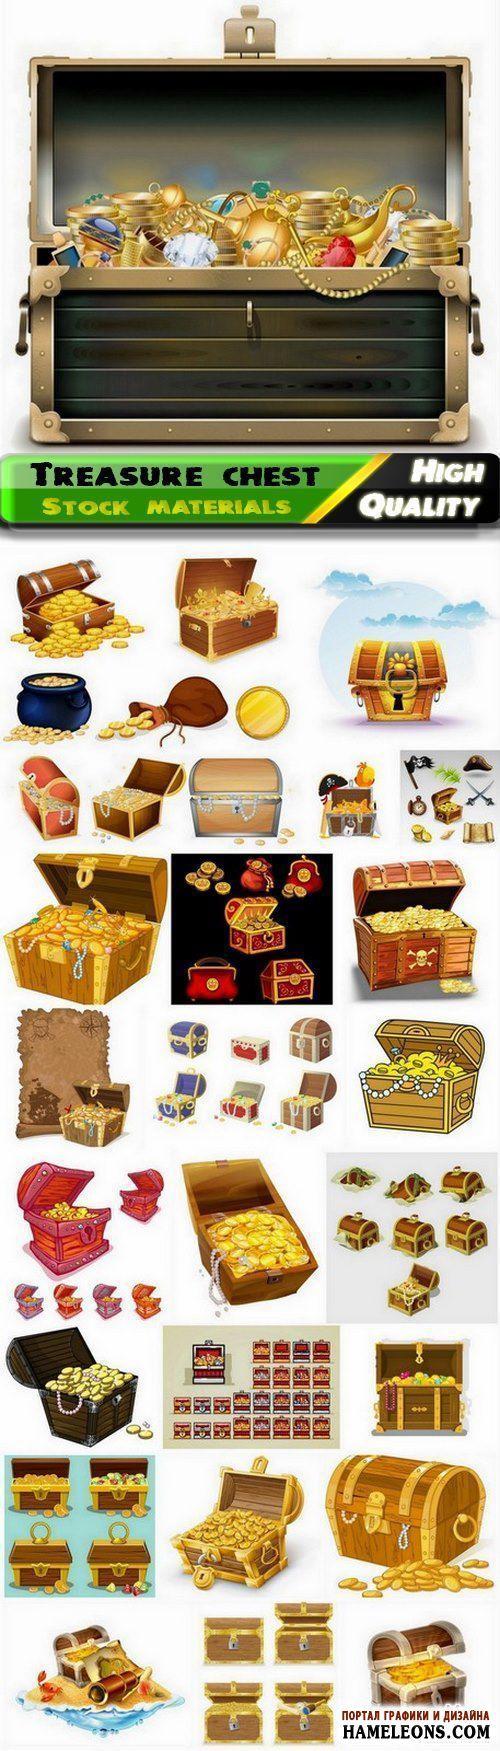 В векторе золотые монеты, клады пиратов, сундуки с сокровищами